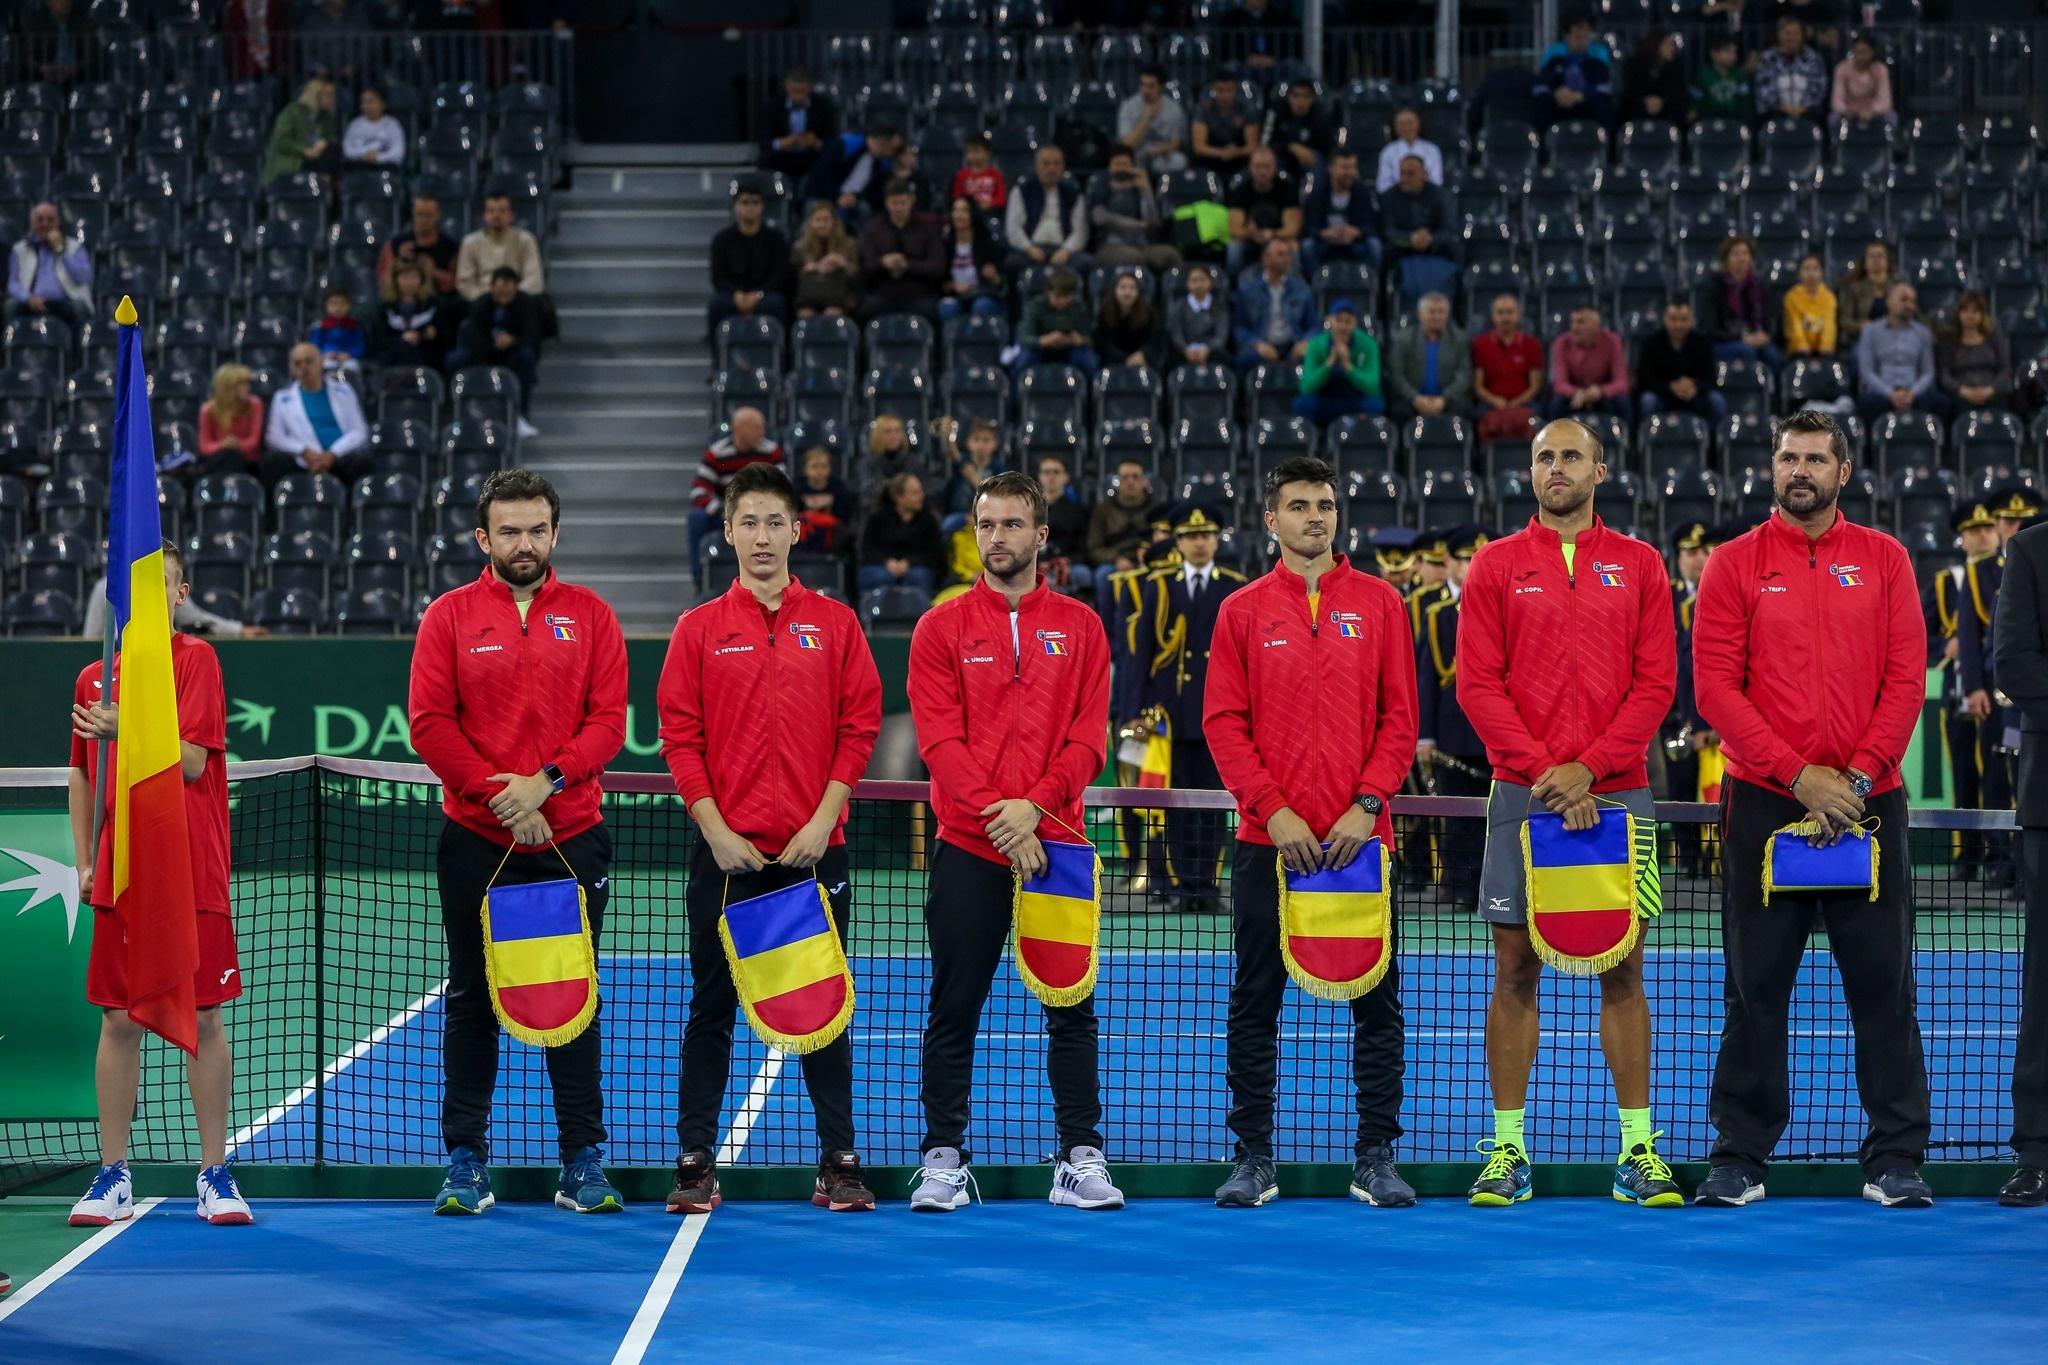 S-au pus în vânzare biletele pentru meciul România – Polonia, 15-16 septembrie 2018, la Sala Polivalentă din Cluj-Napoca